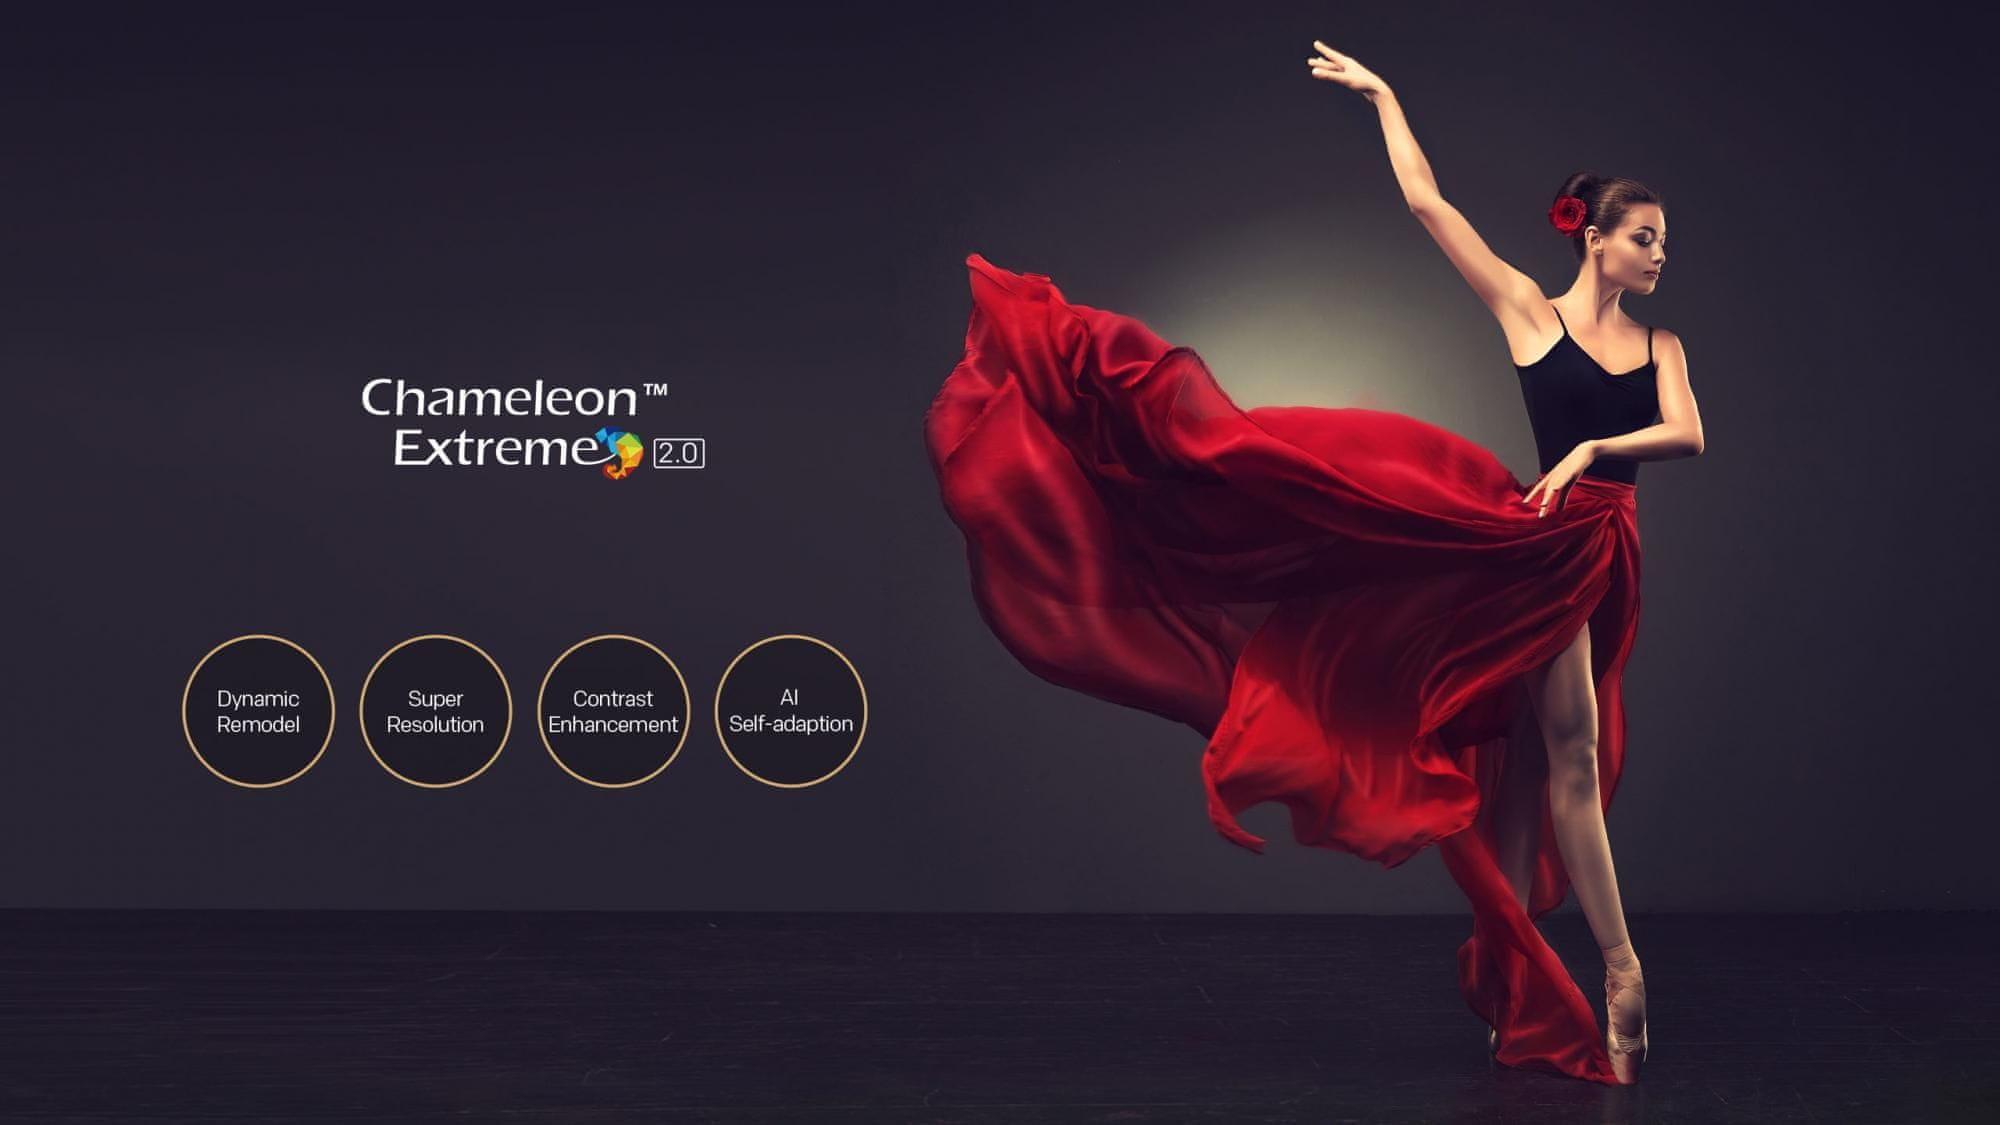 Metz UHD 4K smart tv televízió pure hdr 10 chameleon extreme 2021